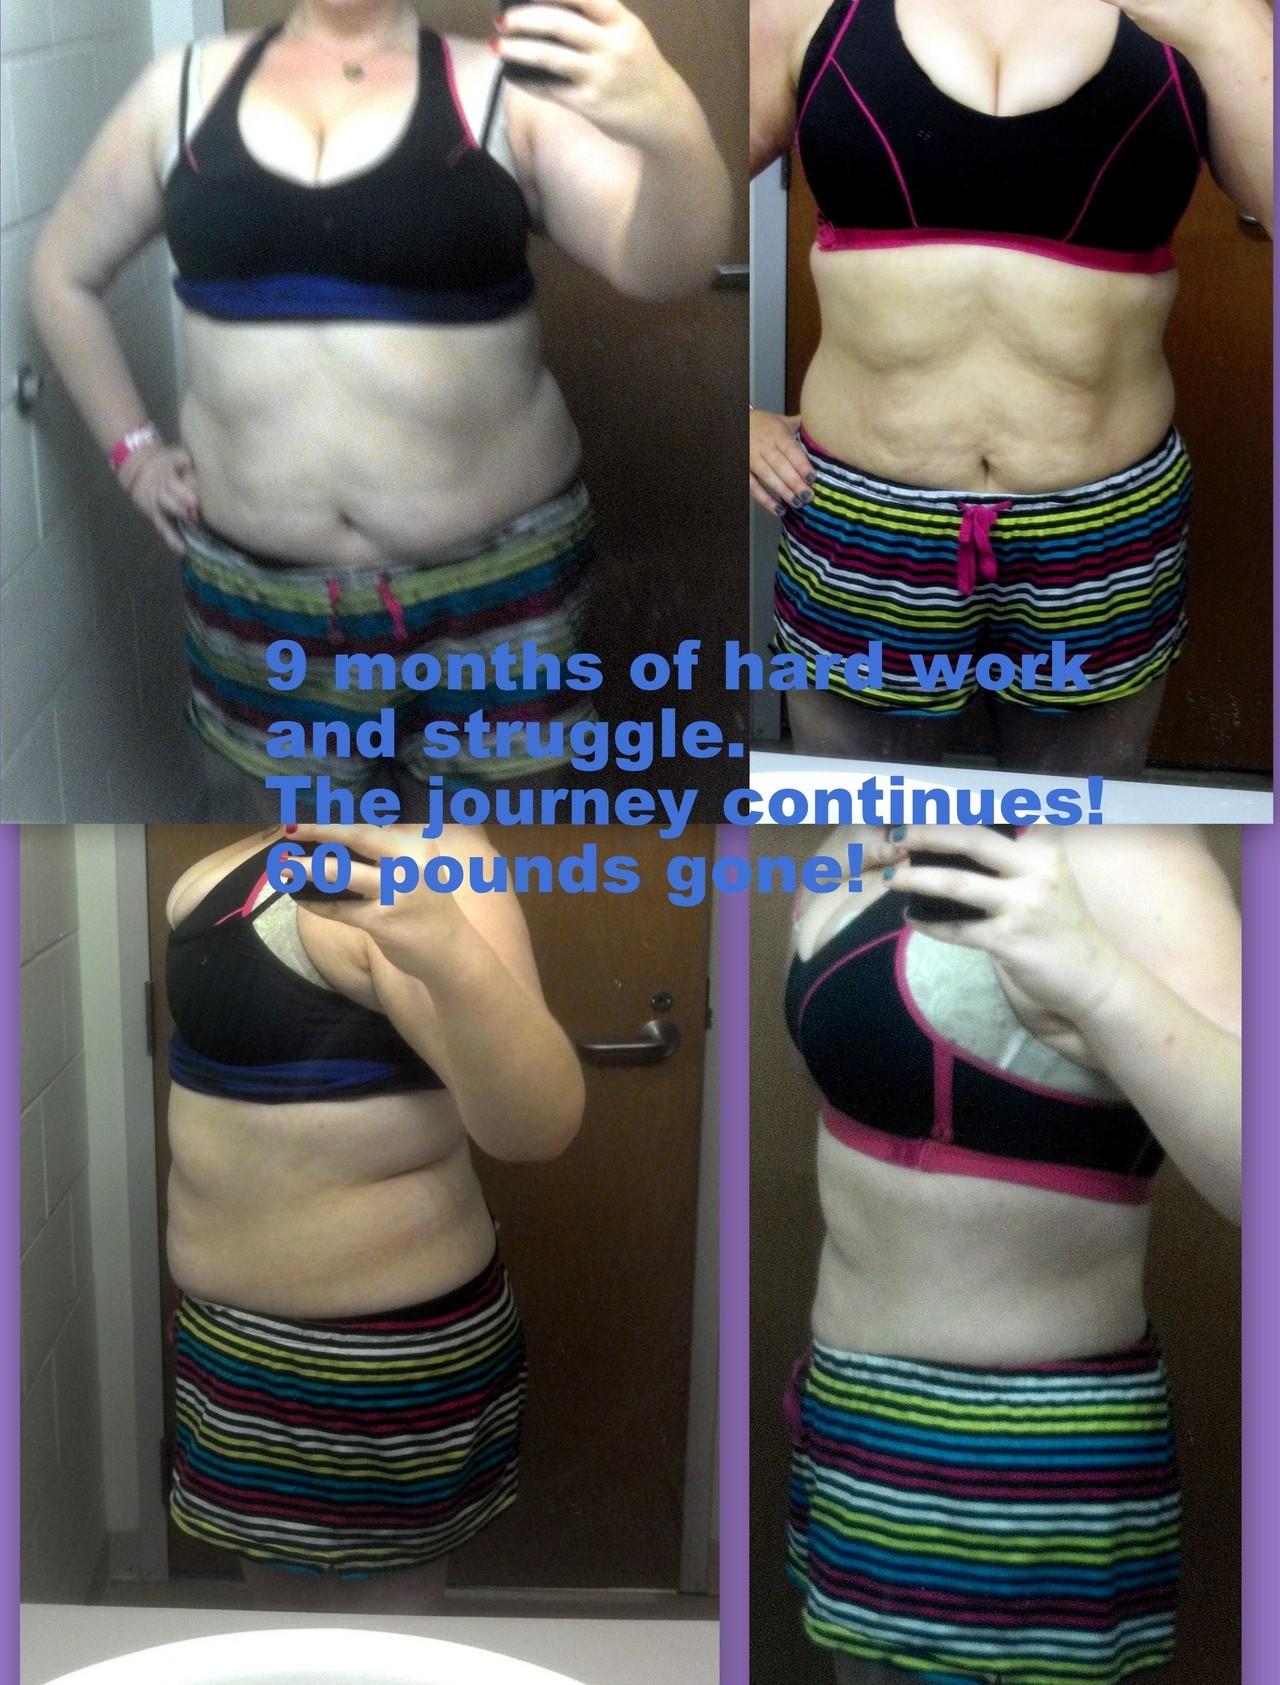 Motywacja W Obrazkach Cz 1 Lifestyle Dietetyczki